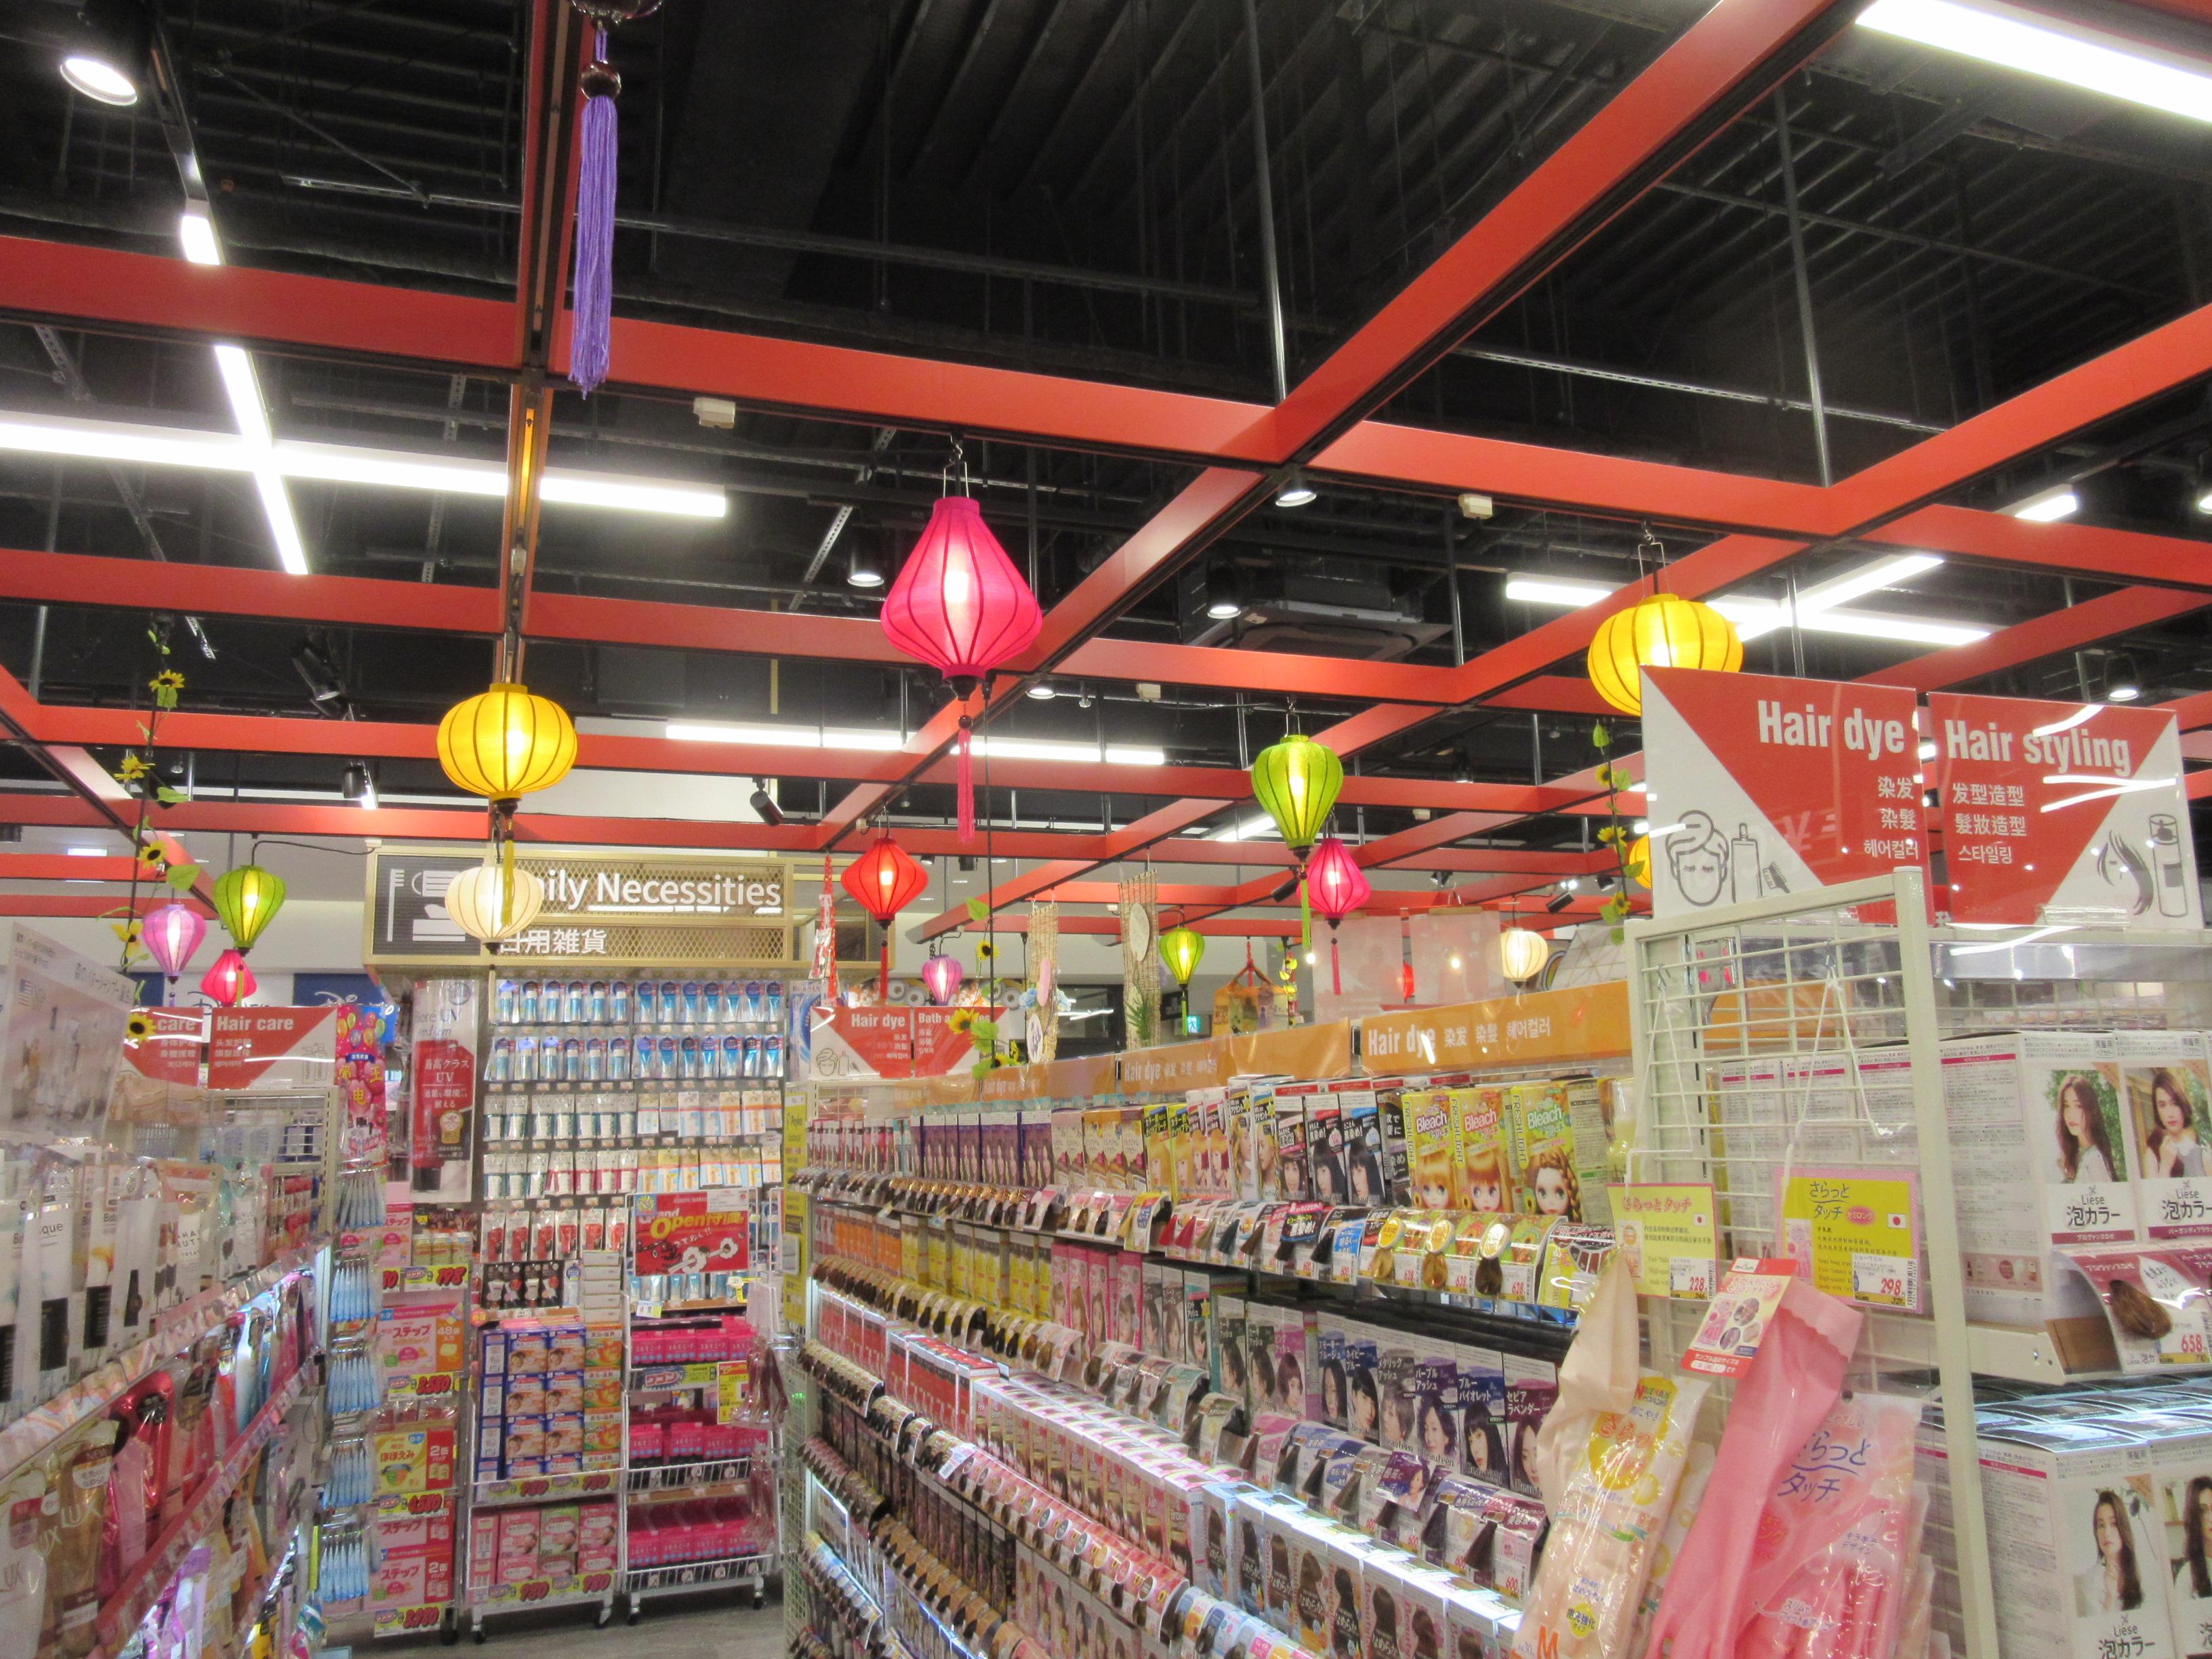 お土産品やドラッグ商材なども、和風テイストの売り場装飾で訪日外国客にアピール